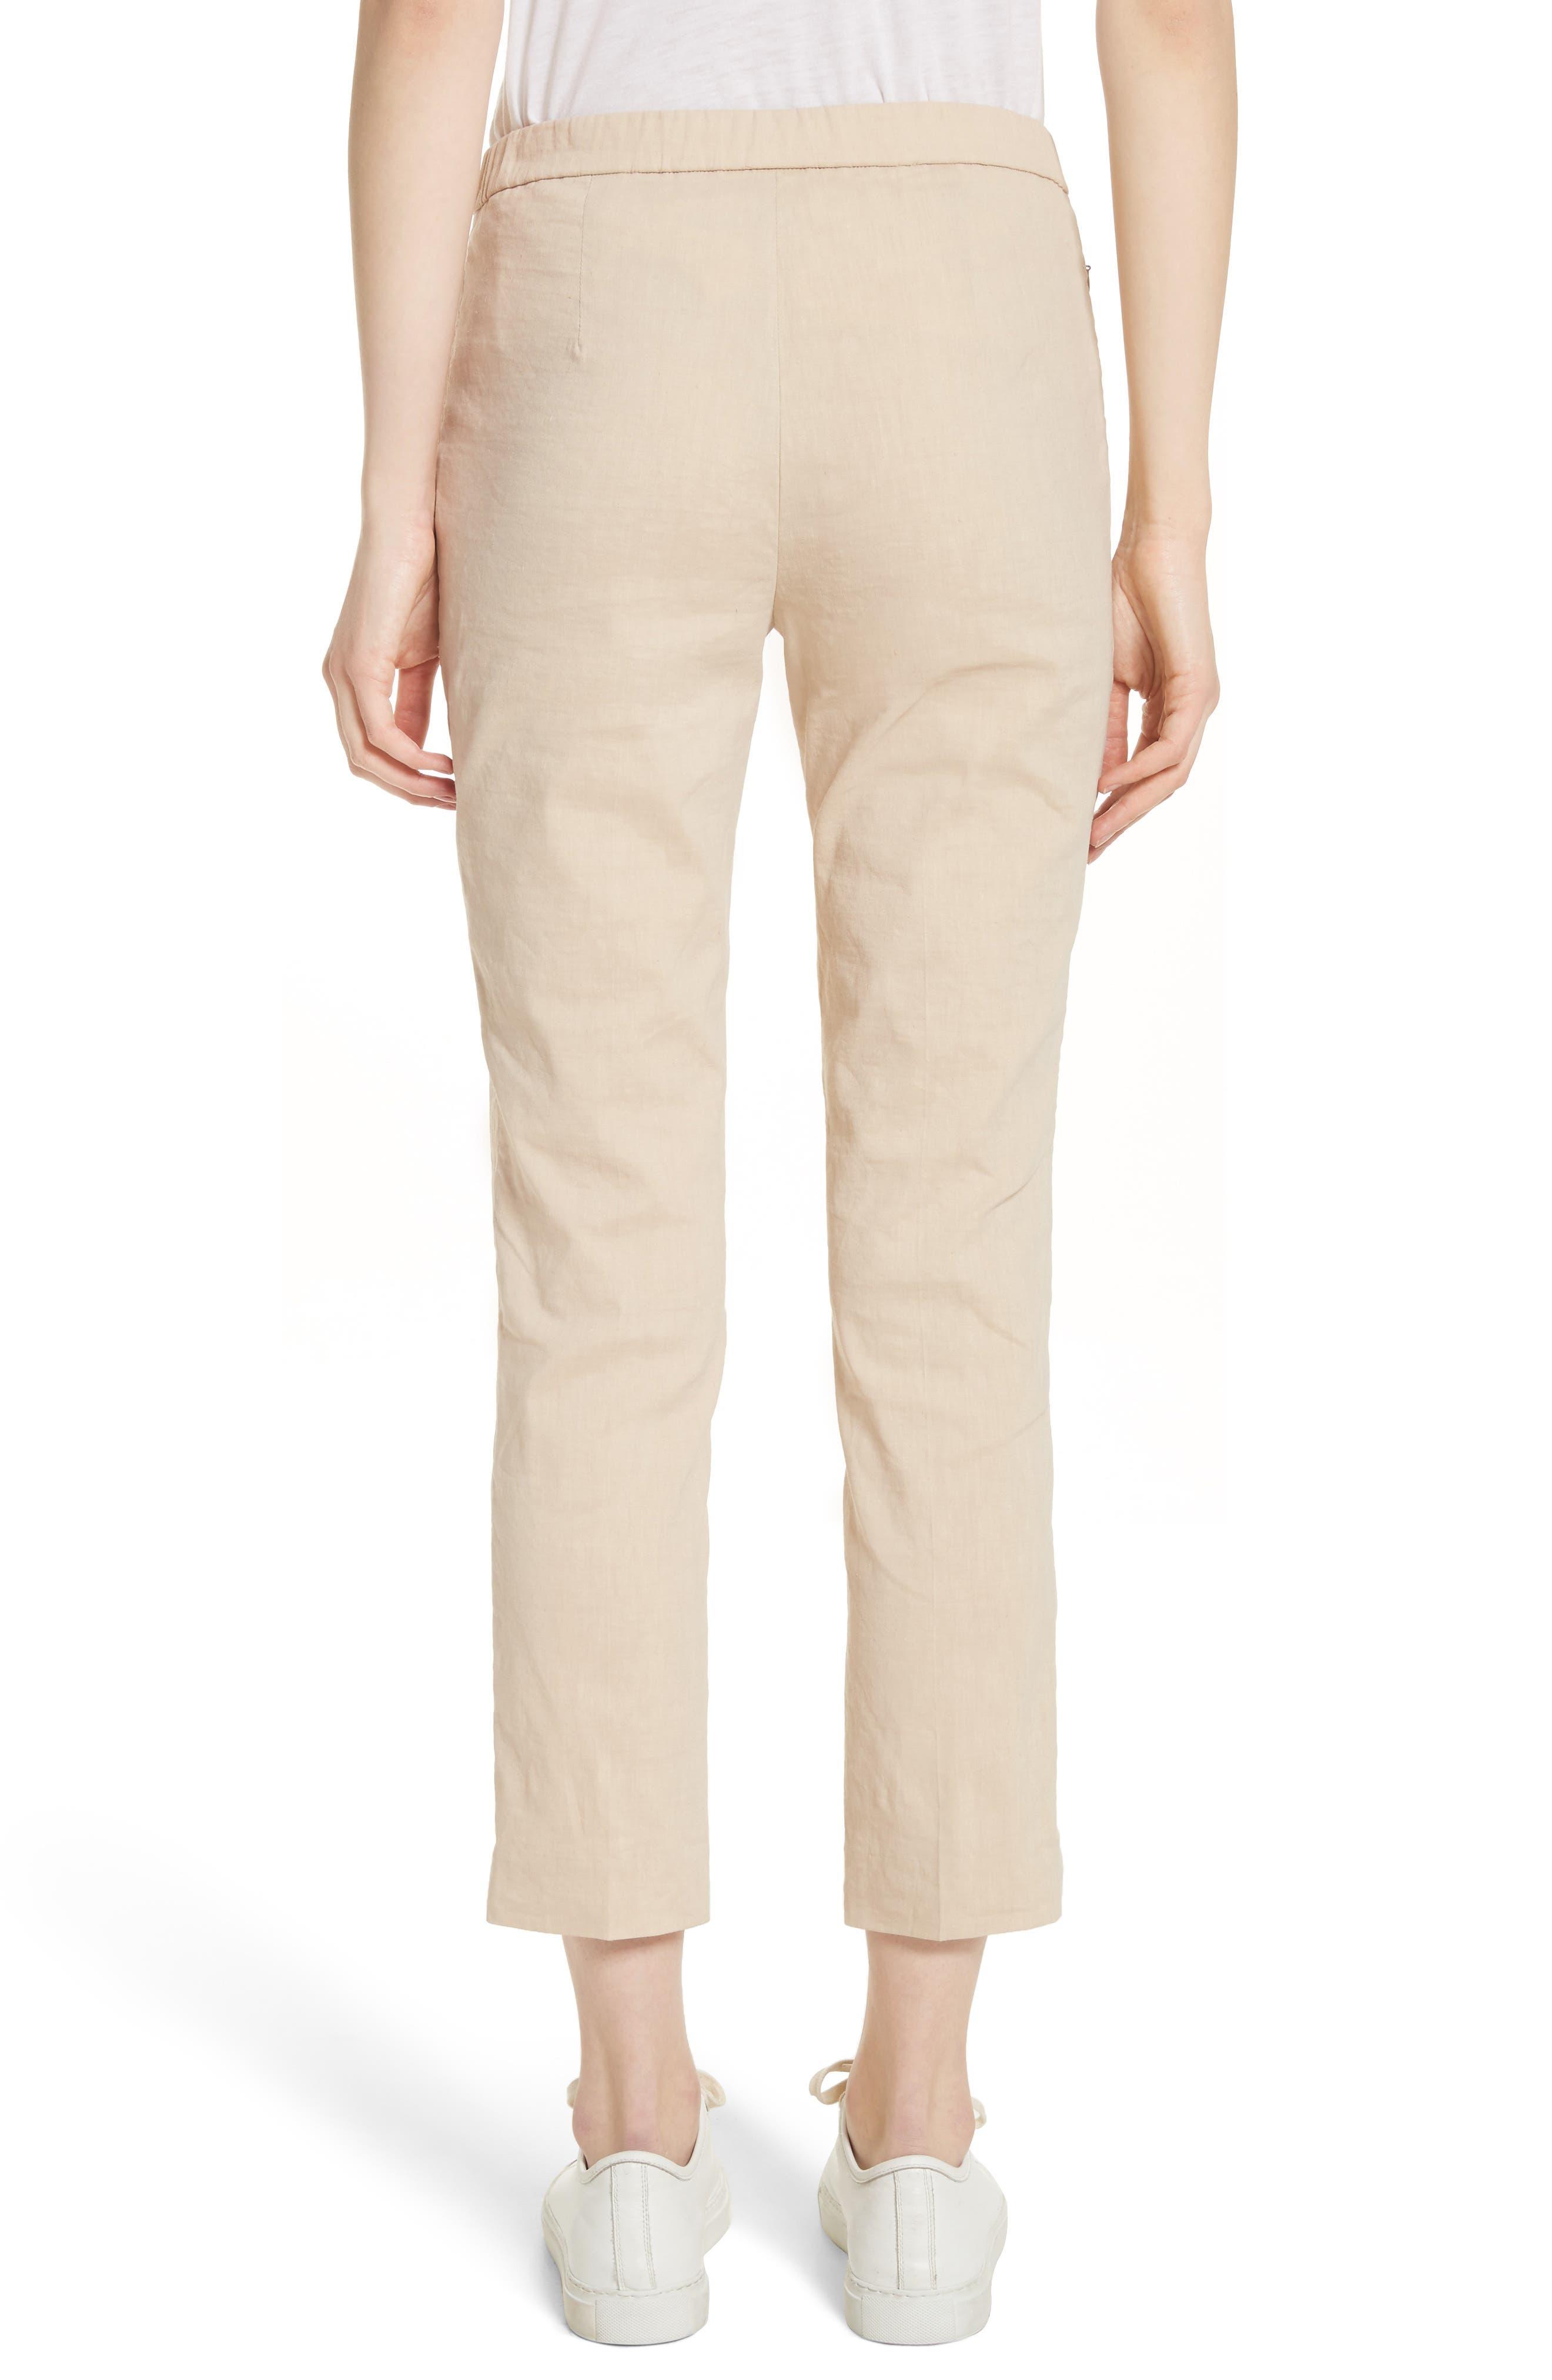 Pull-On Linen Blend Pants,                             Alternate thumbnail 2, color,                             Light Wheat